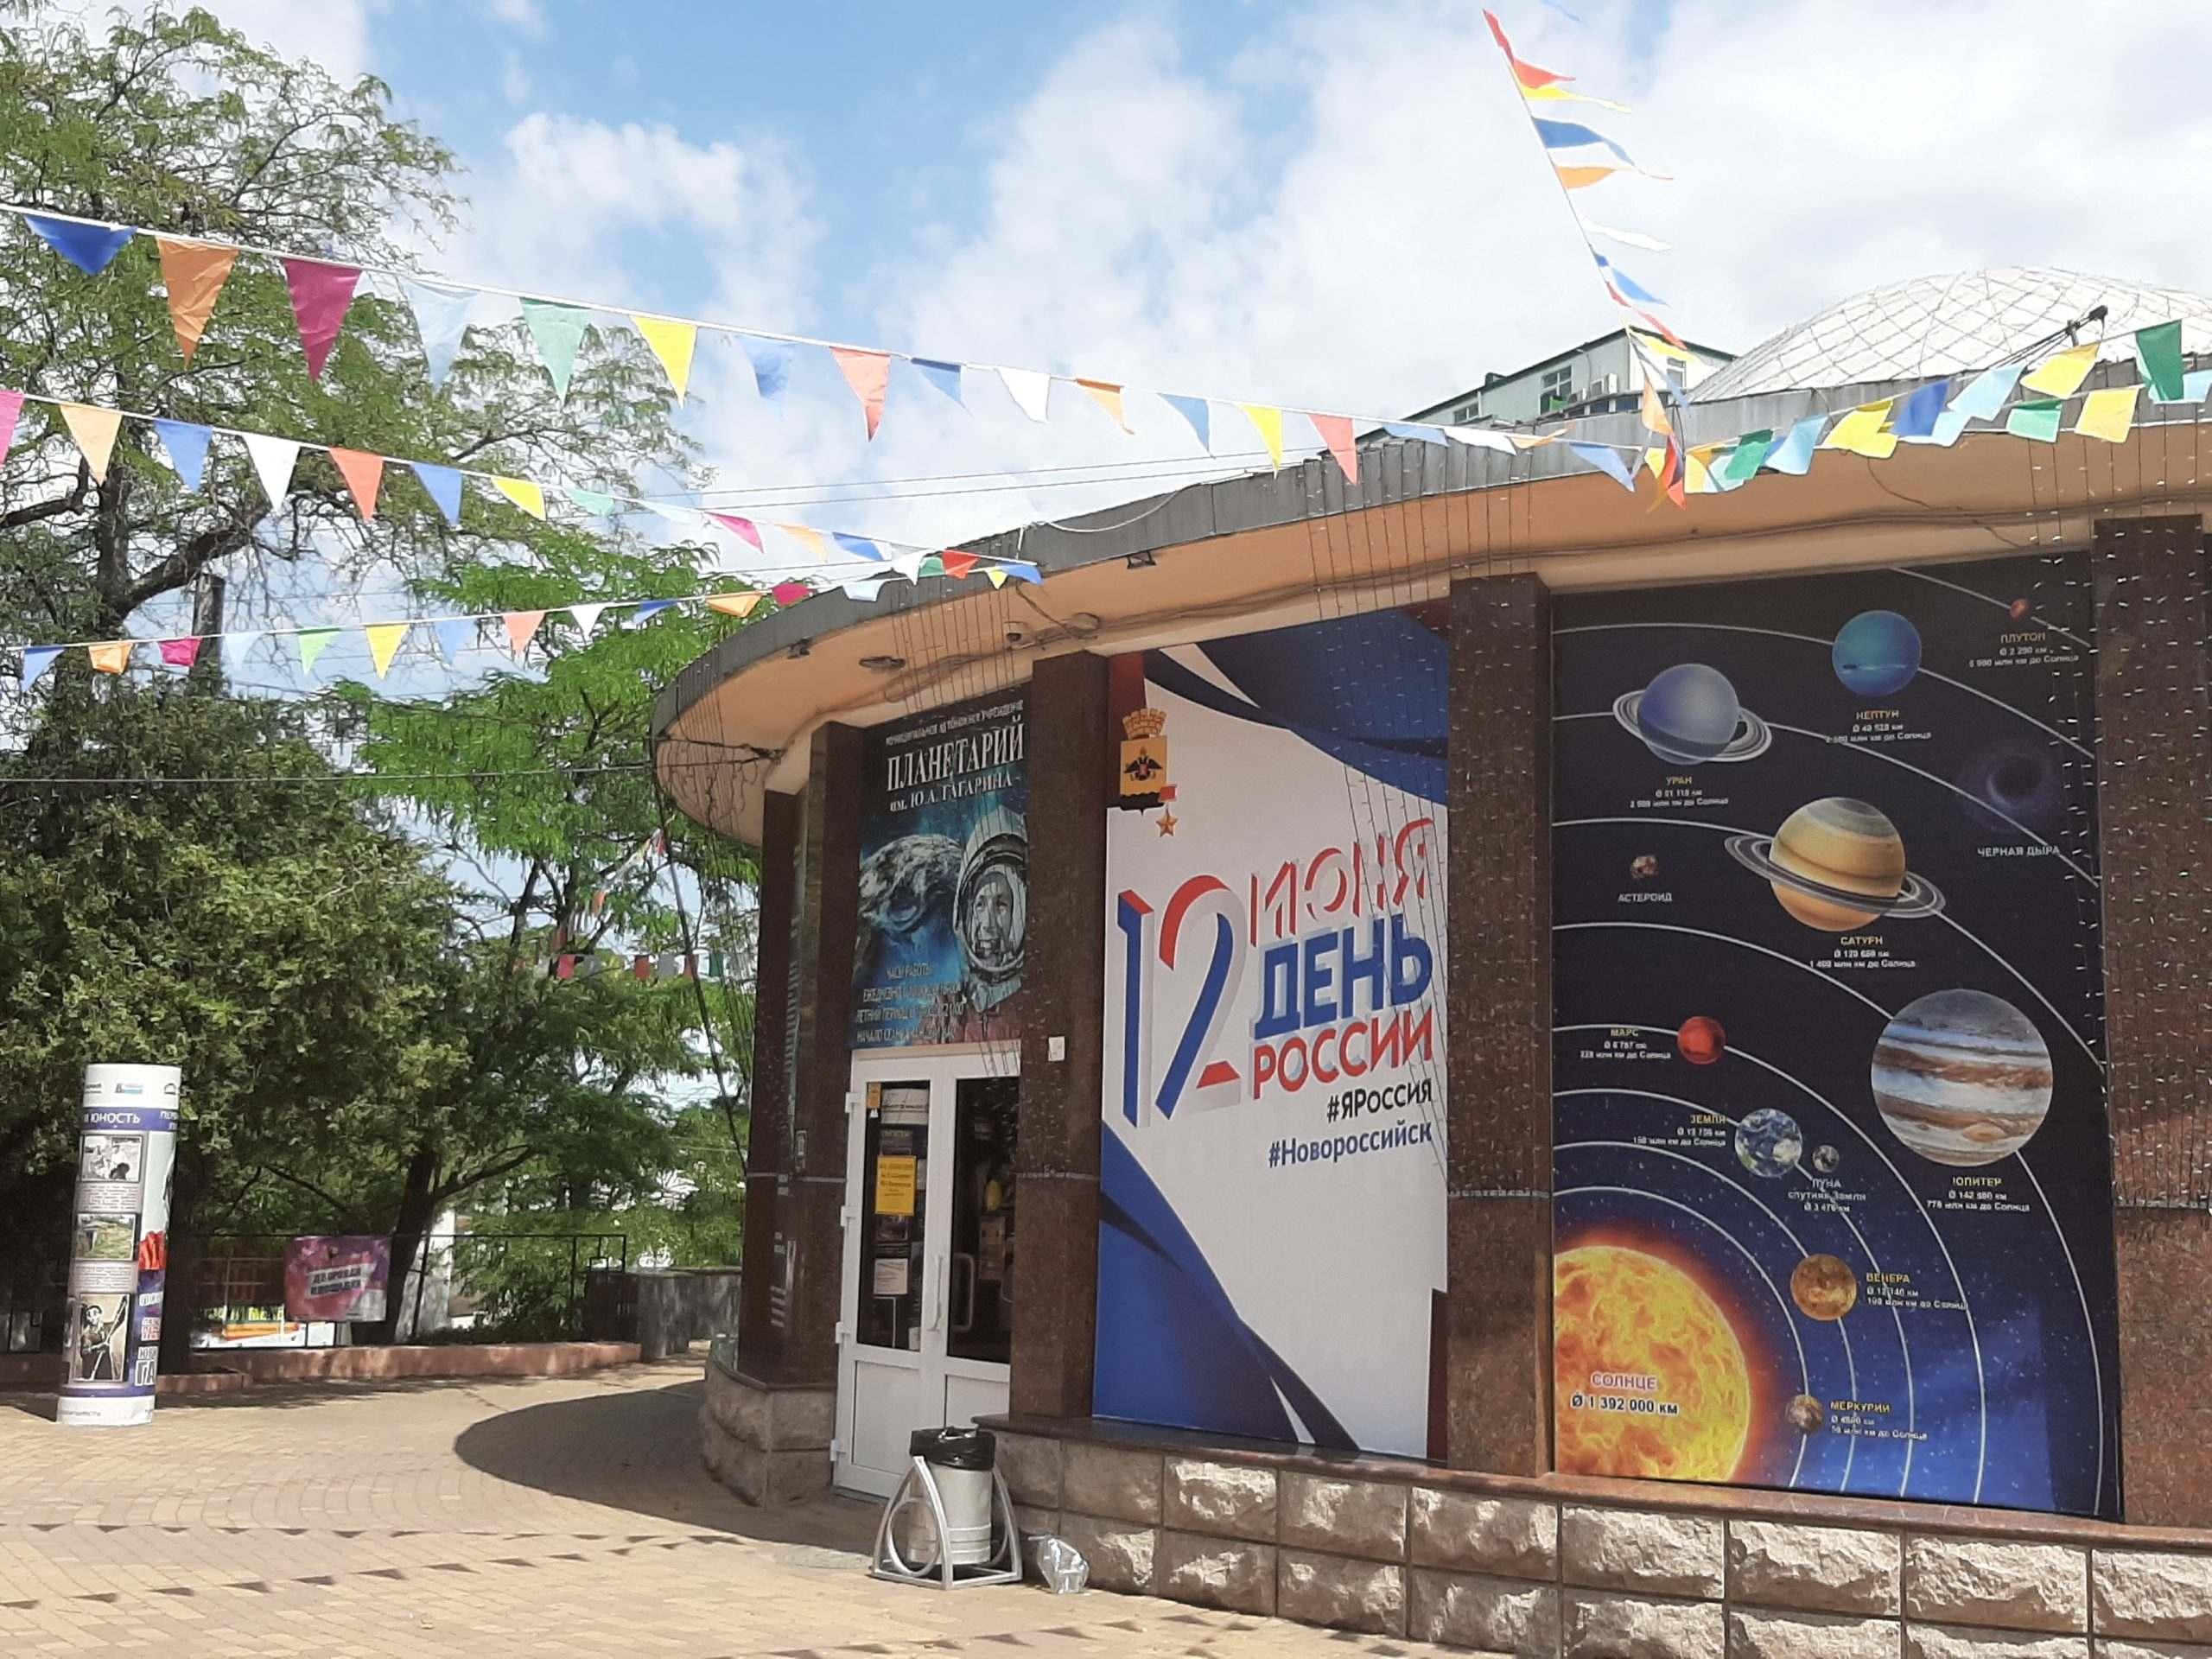 В Новороссийске готовят «космонавтов»